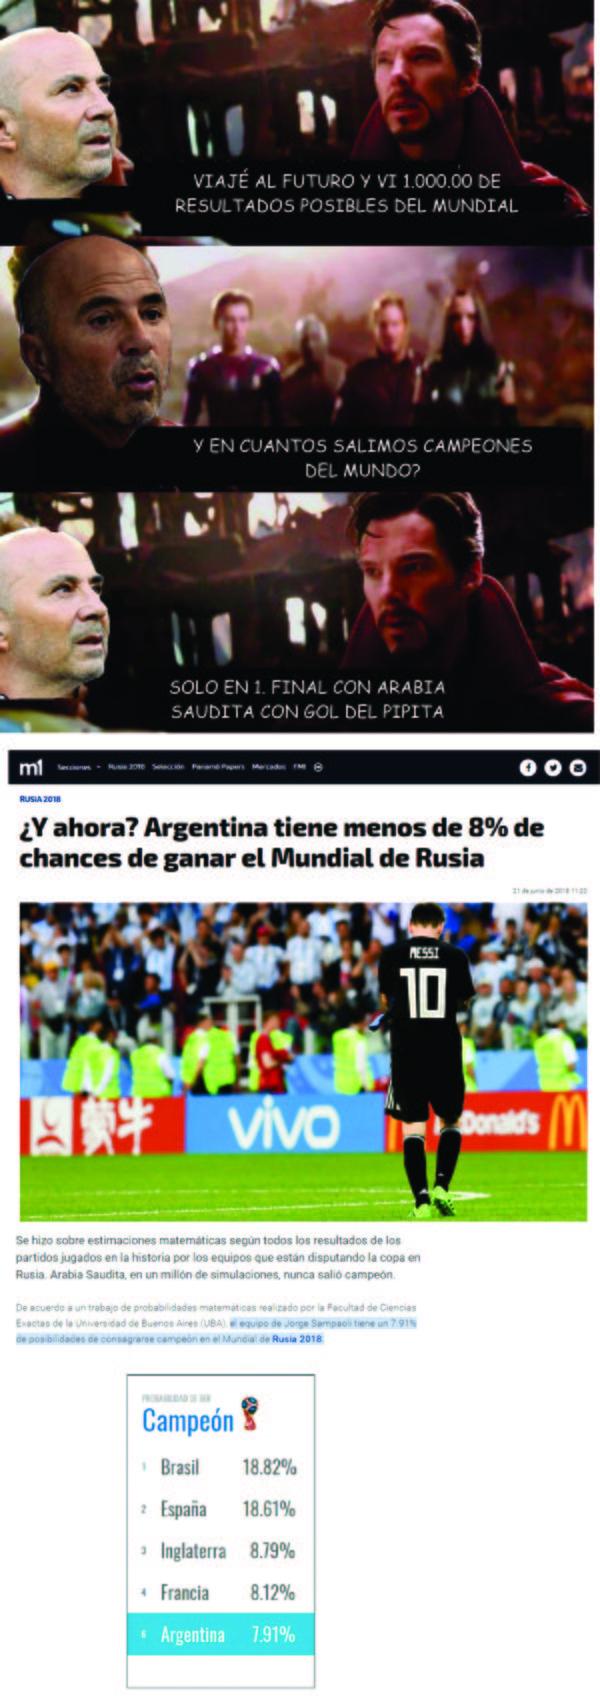 Meme_otros - Argentina y sus posibilidades